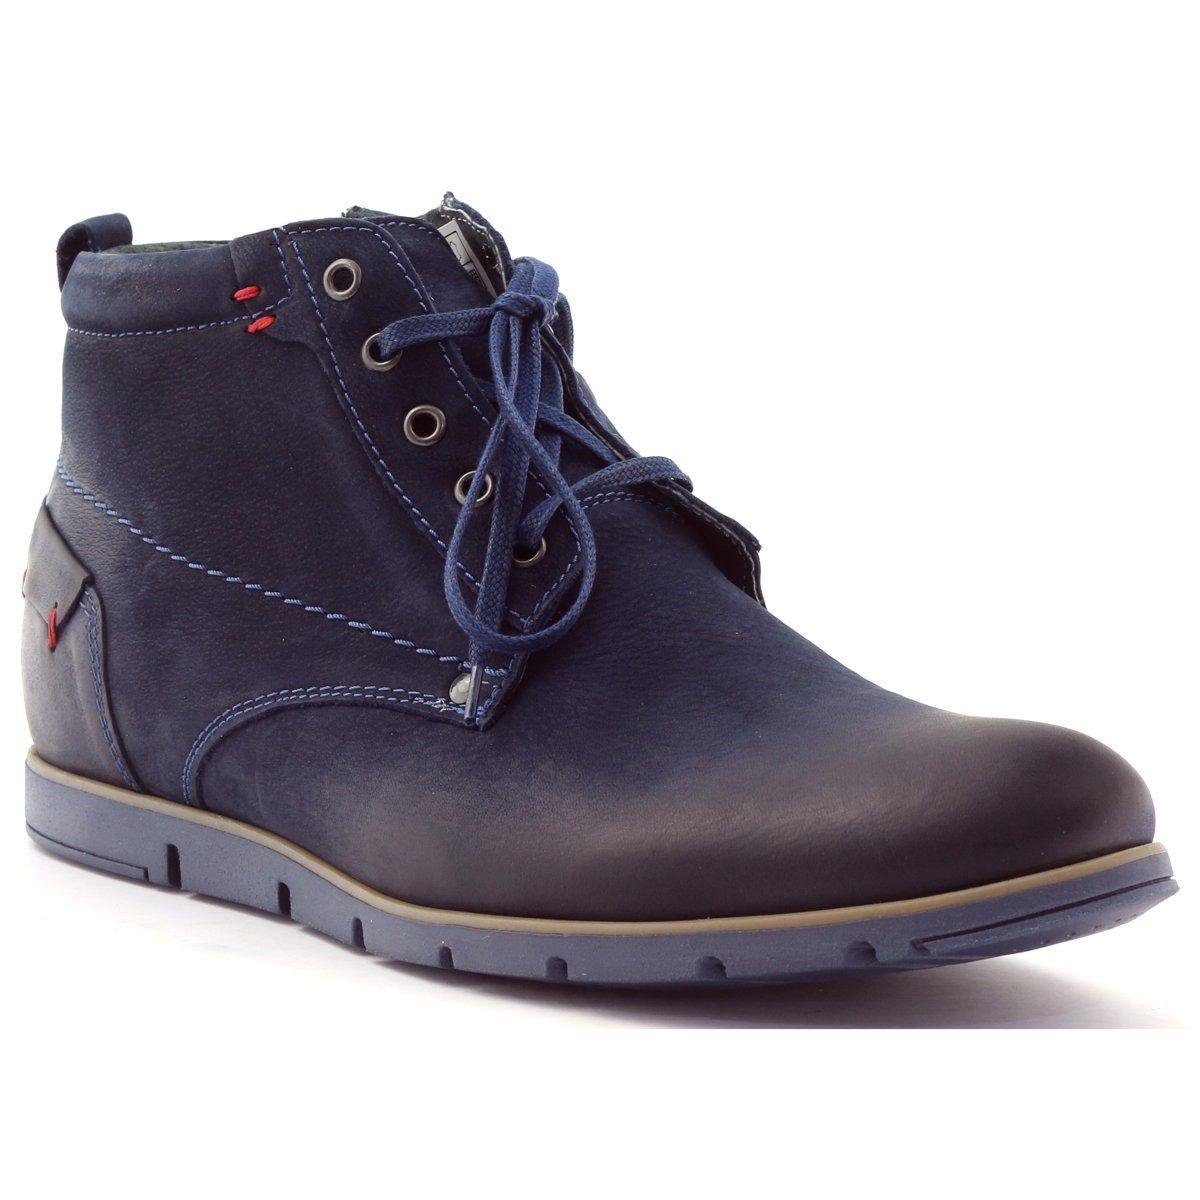 Riko Buty Meskie Trzewiki Botki 791 Granatowe Timberland Boots Boots Shoes